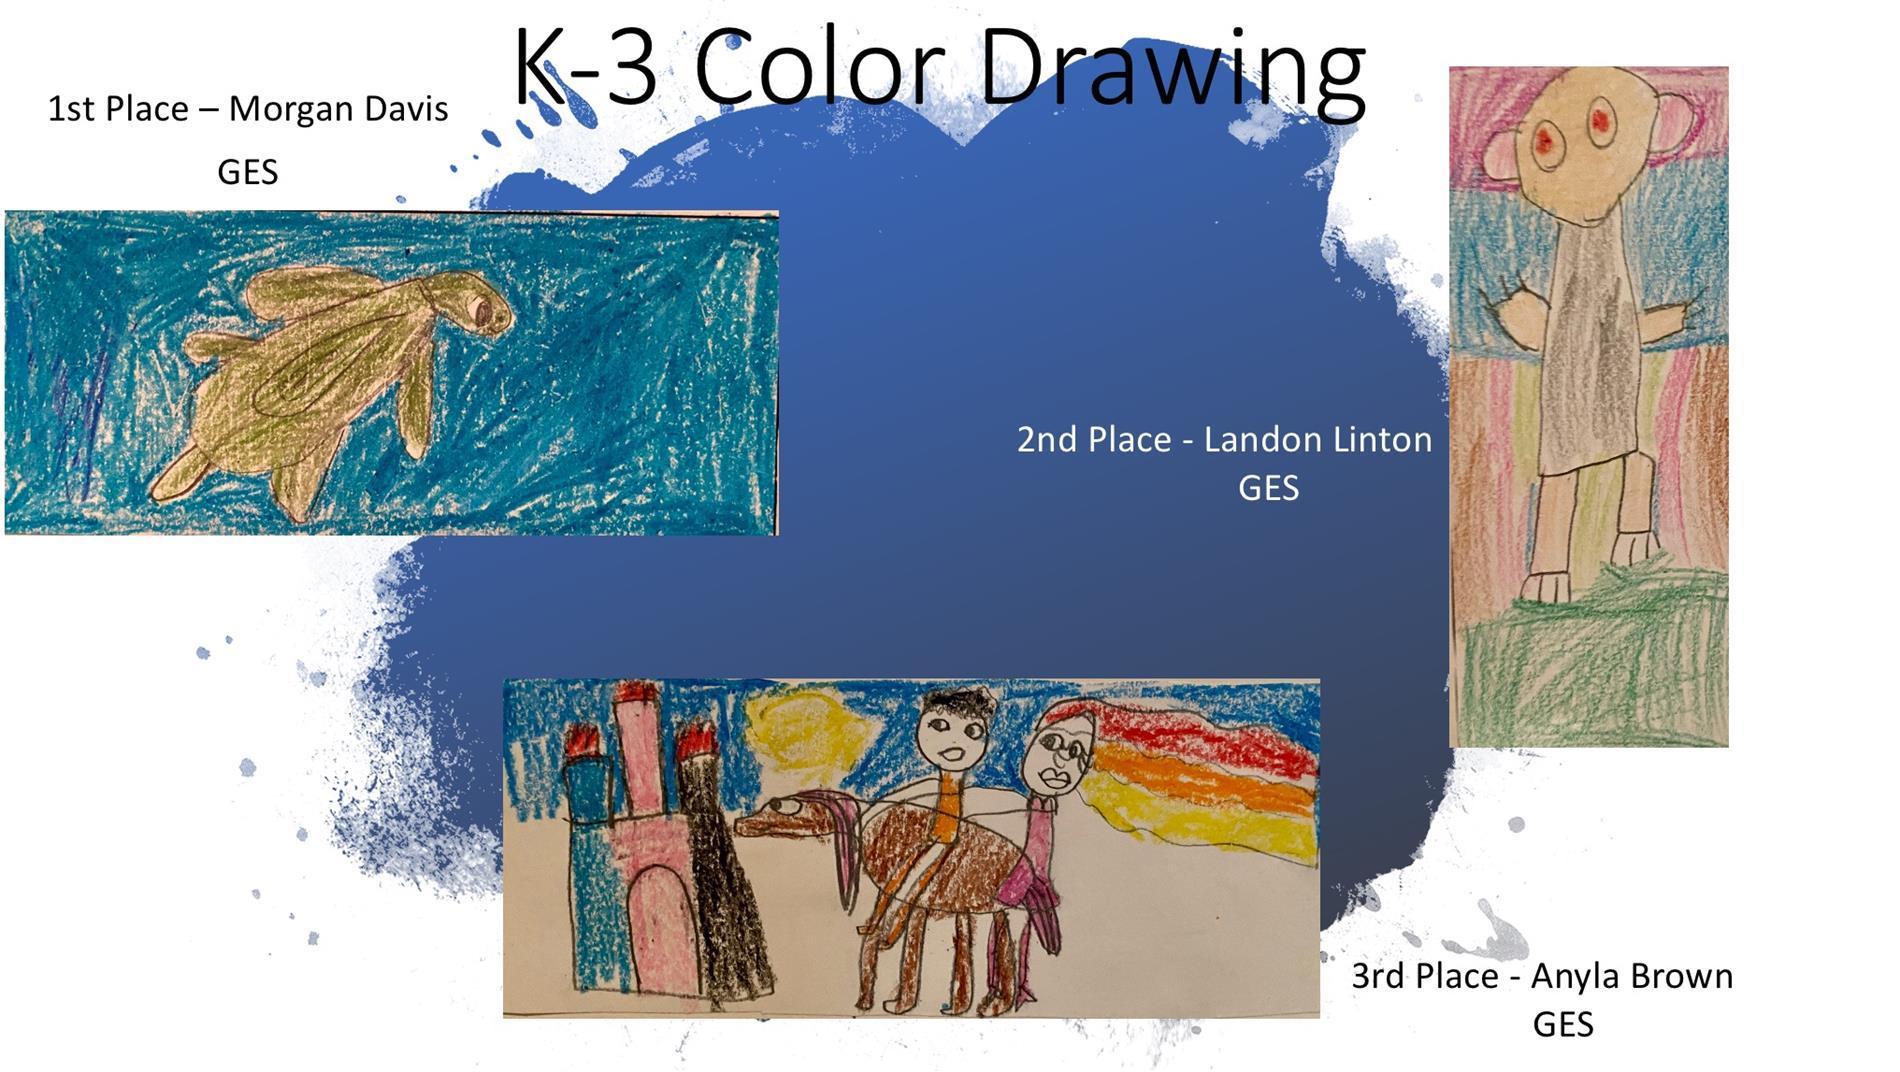 K-3 art